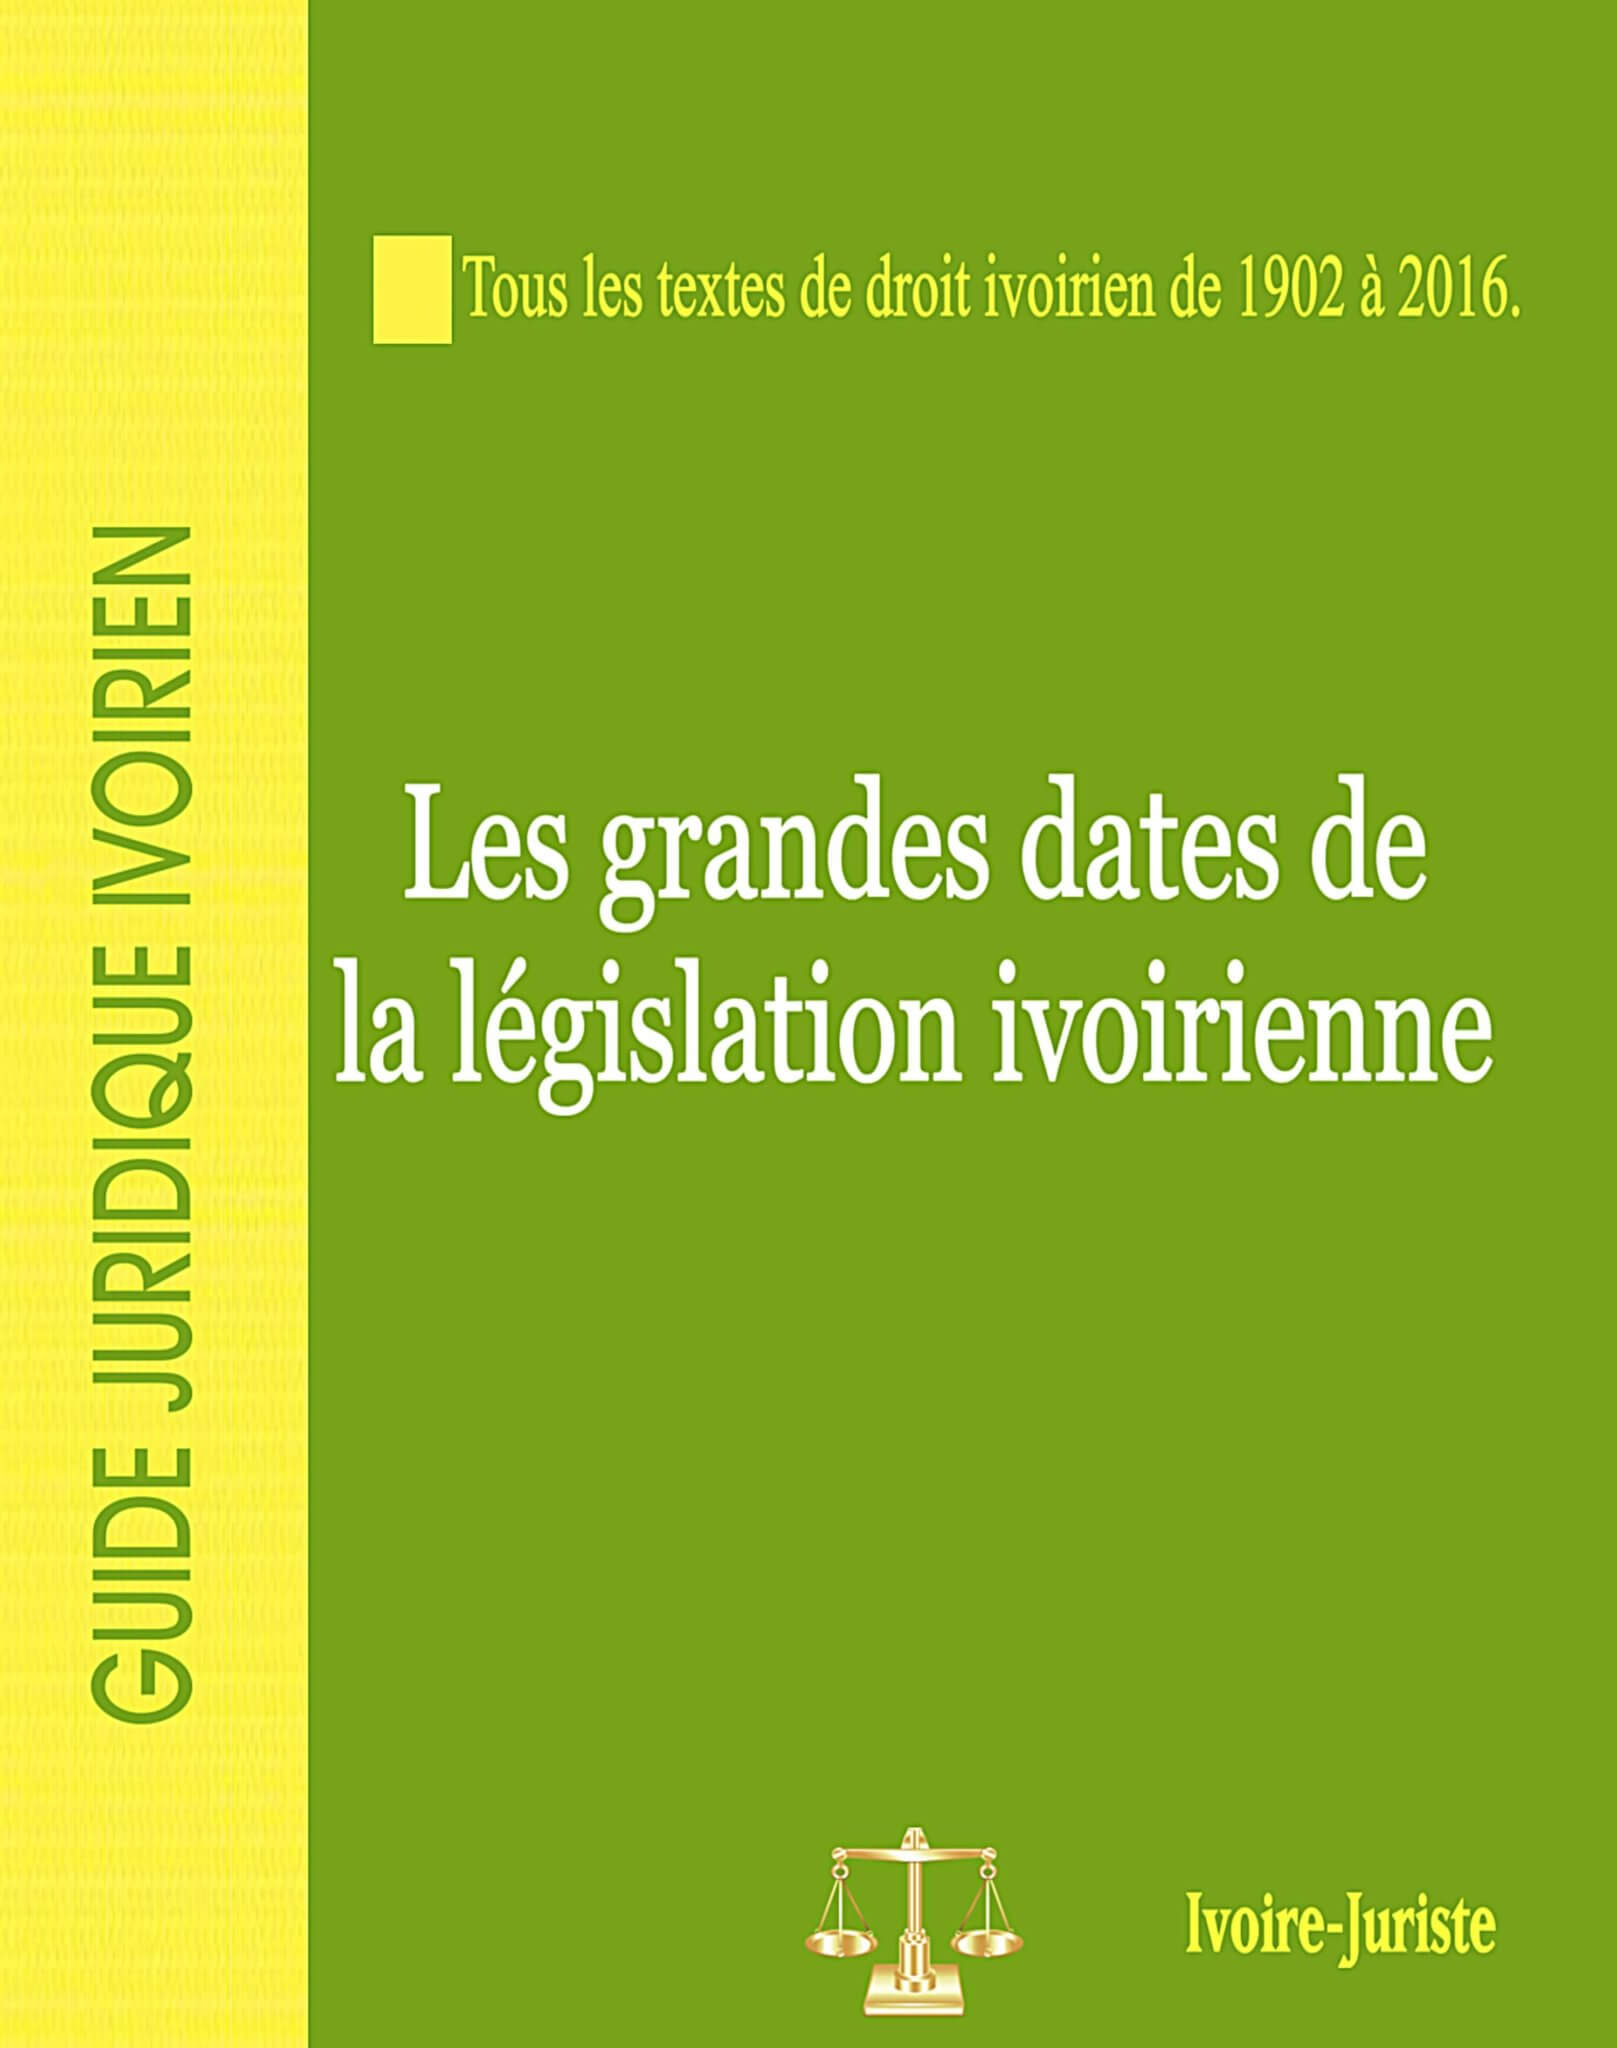 les grandes dates de la législation ivoirienne